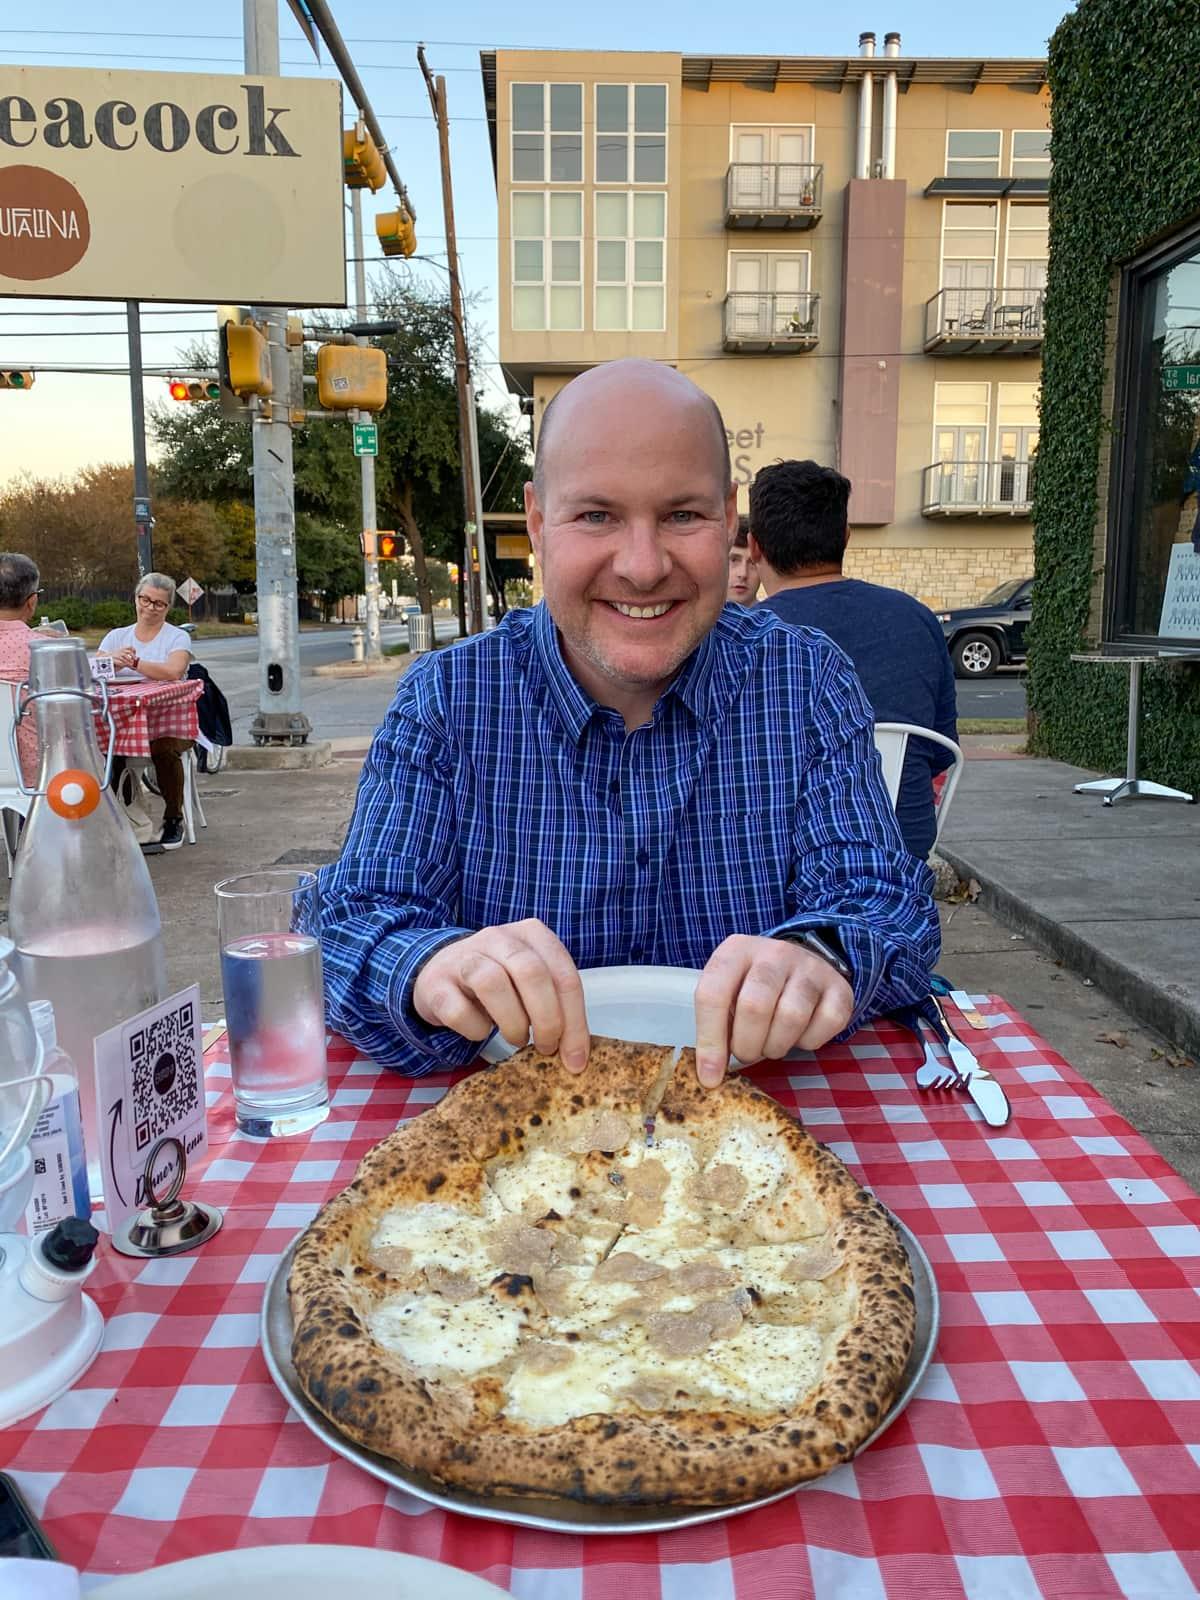 Dave with cacio e pepe and white truffle pizza at Bufalina